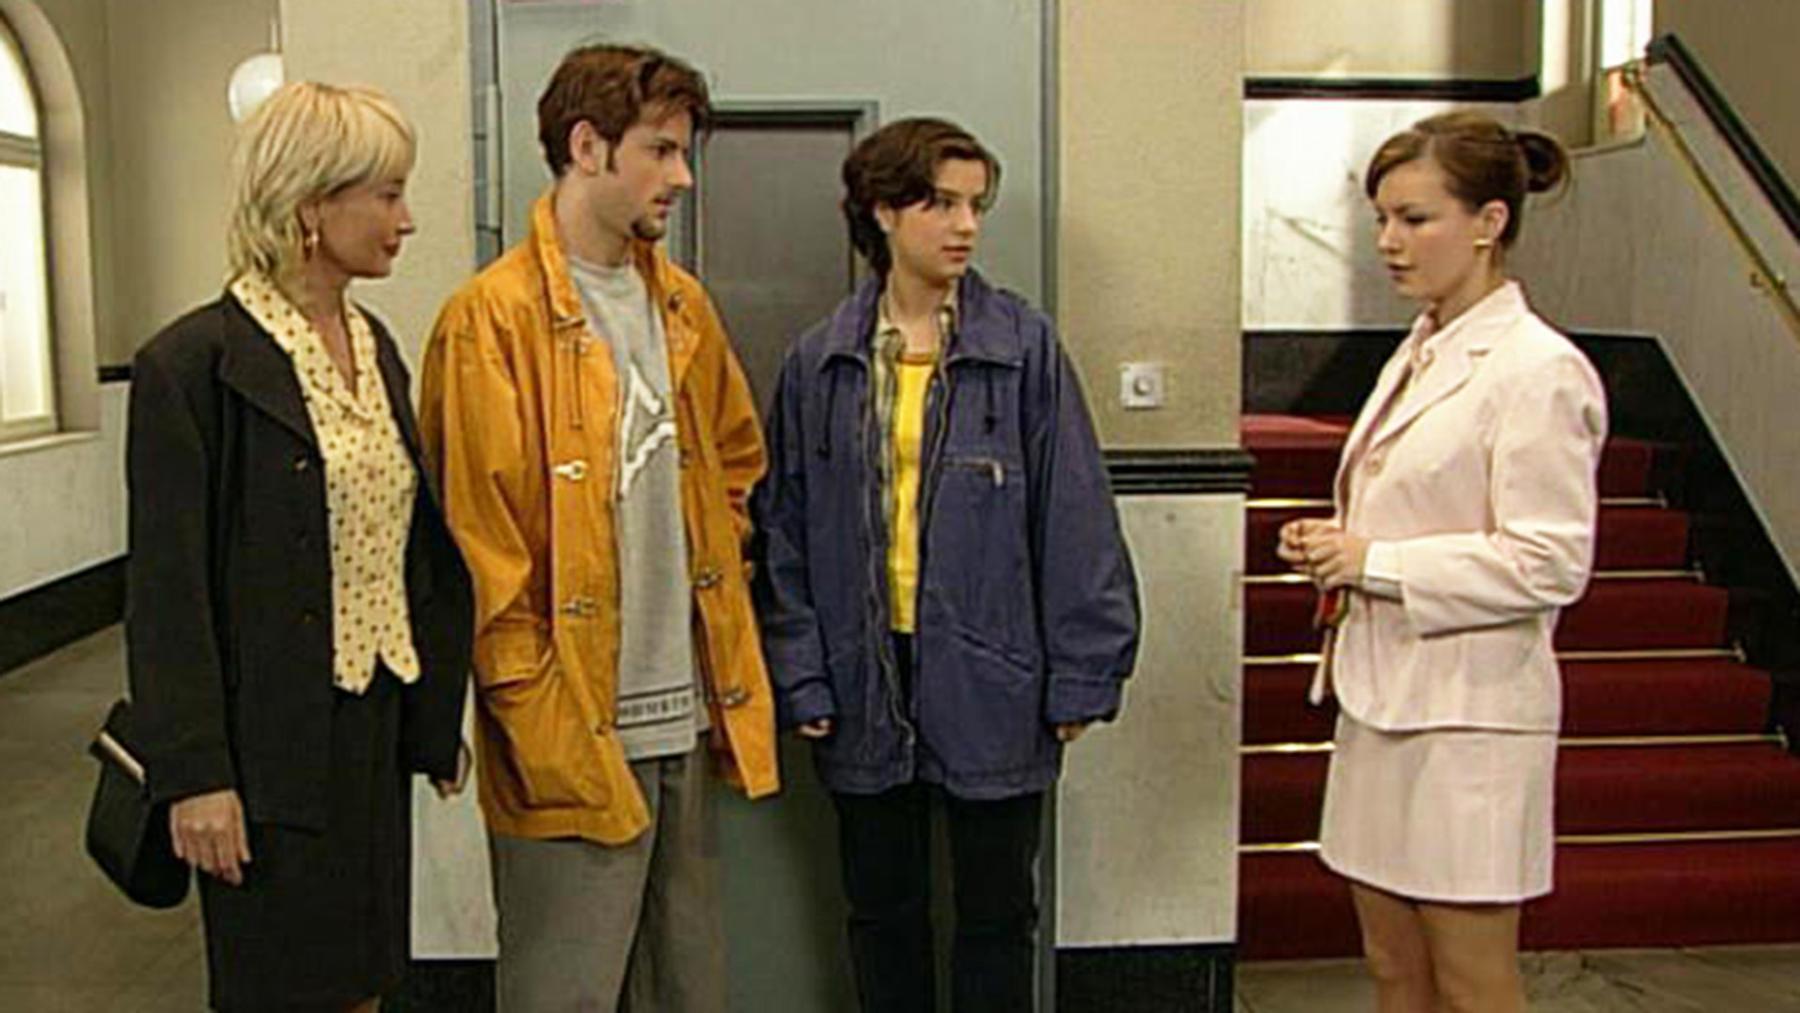 Marc und Laura werden zum Sozialdienst verurteilt.